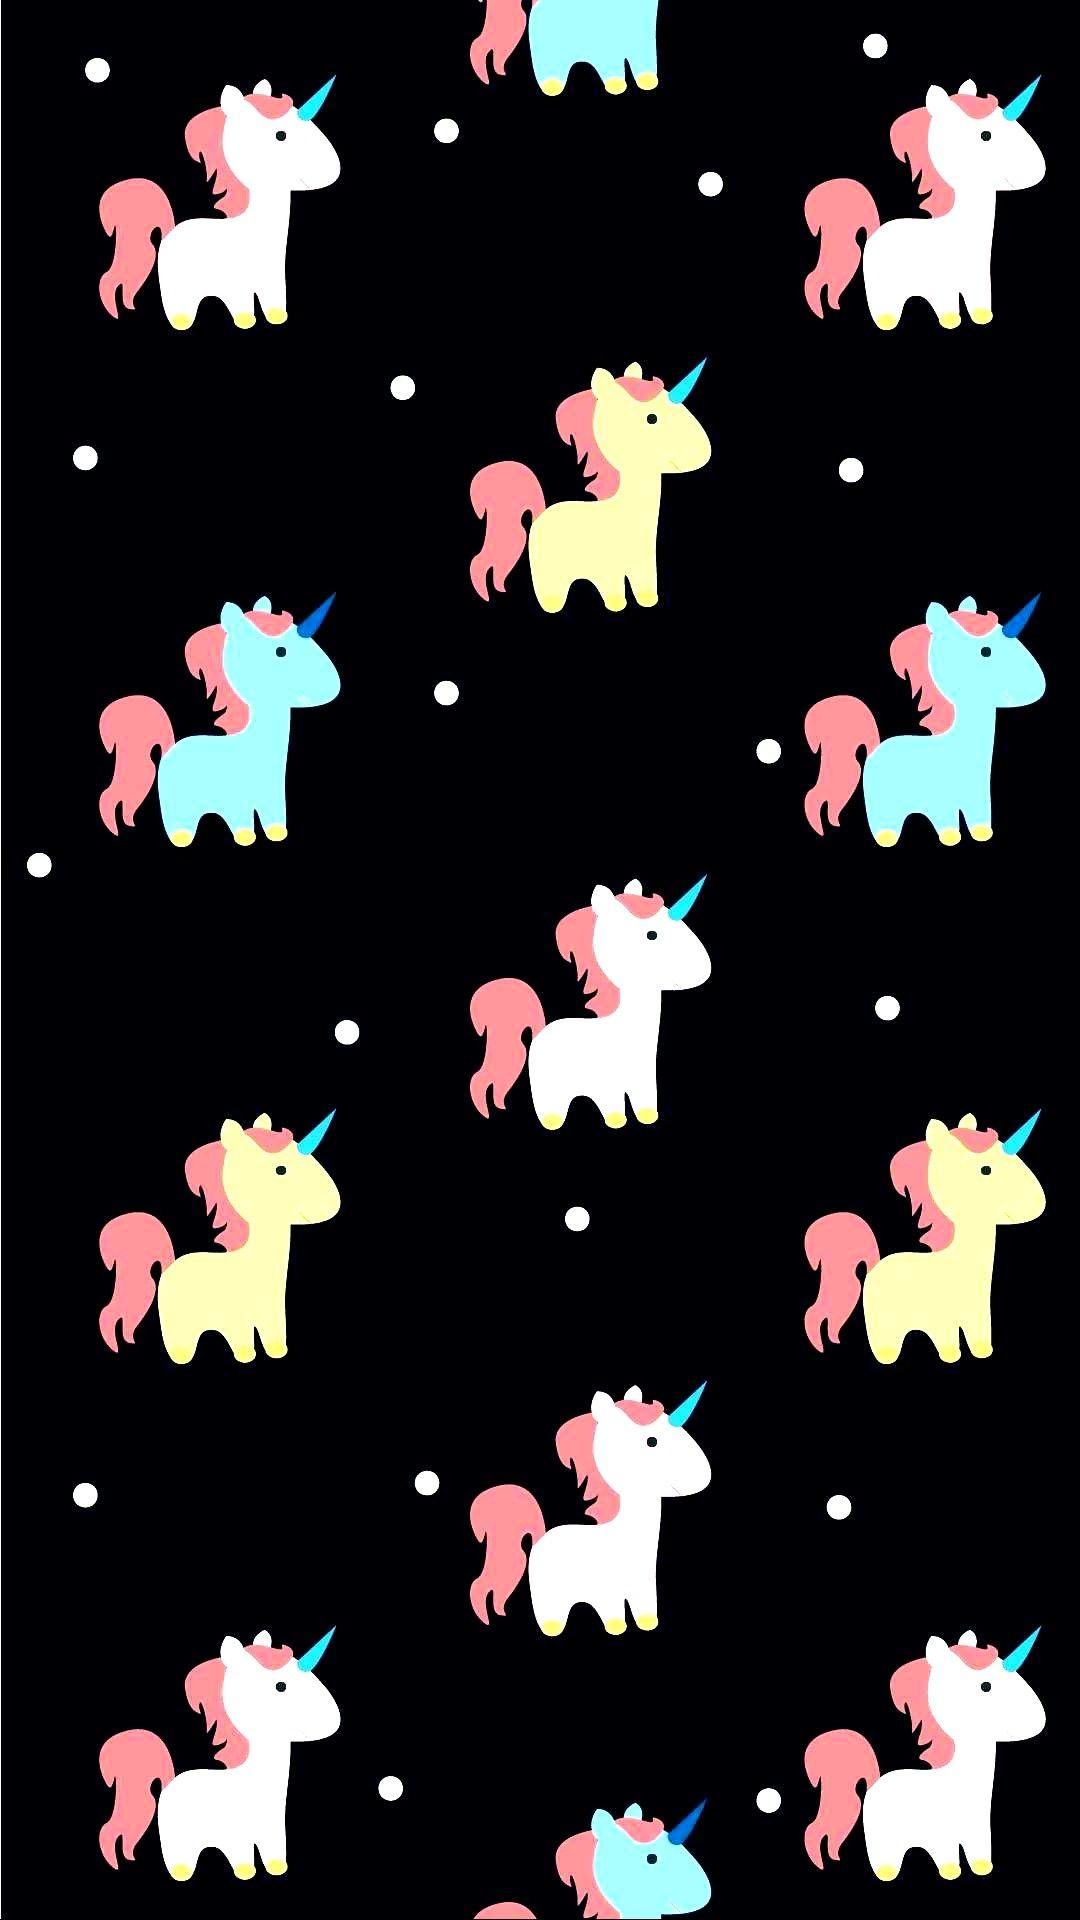 Pin Oleh Delvika Rani Di Unicorns Boneka Hewan Kuda Poni Kartun